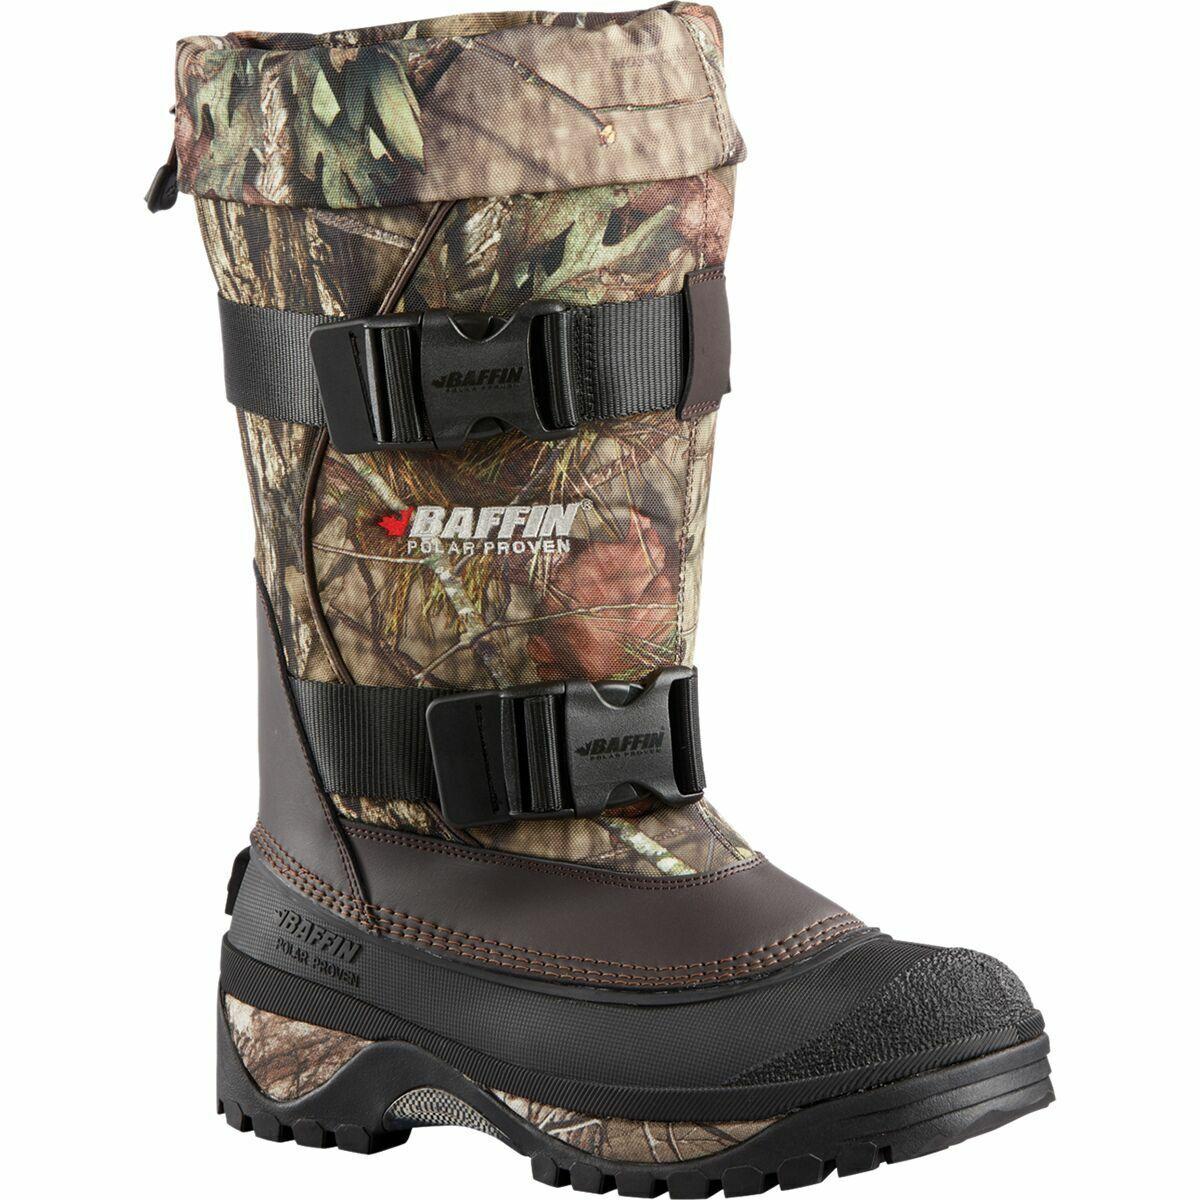 Baffin Wolf Winter Boot - Men's Mossy Oak 9.0